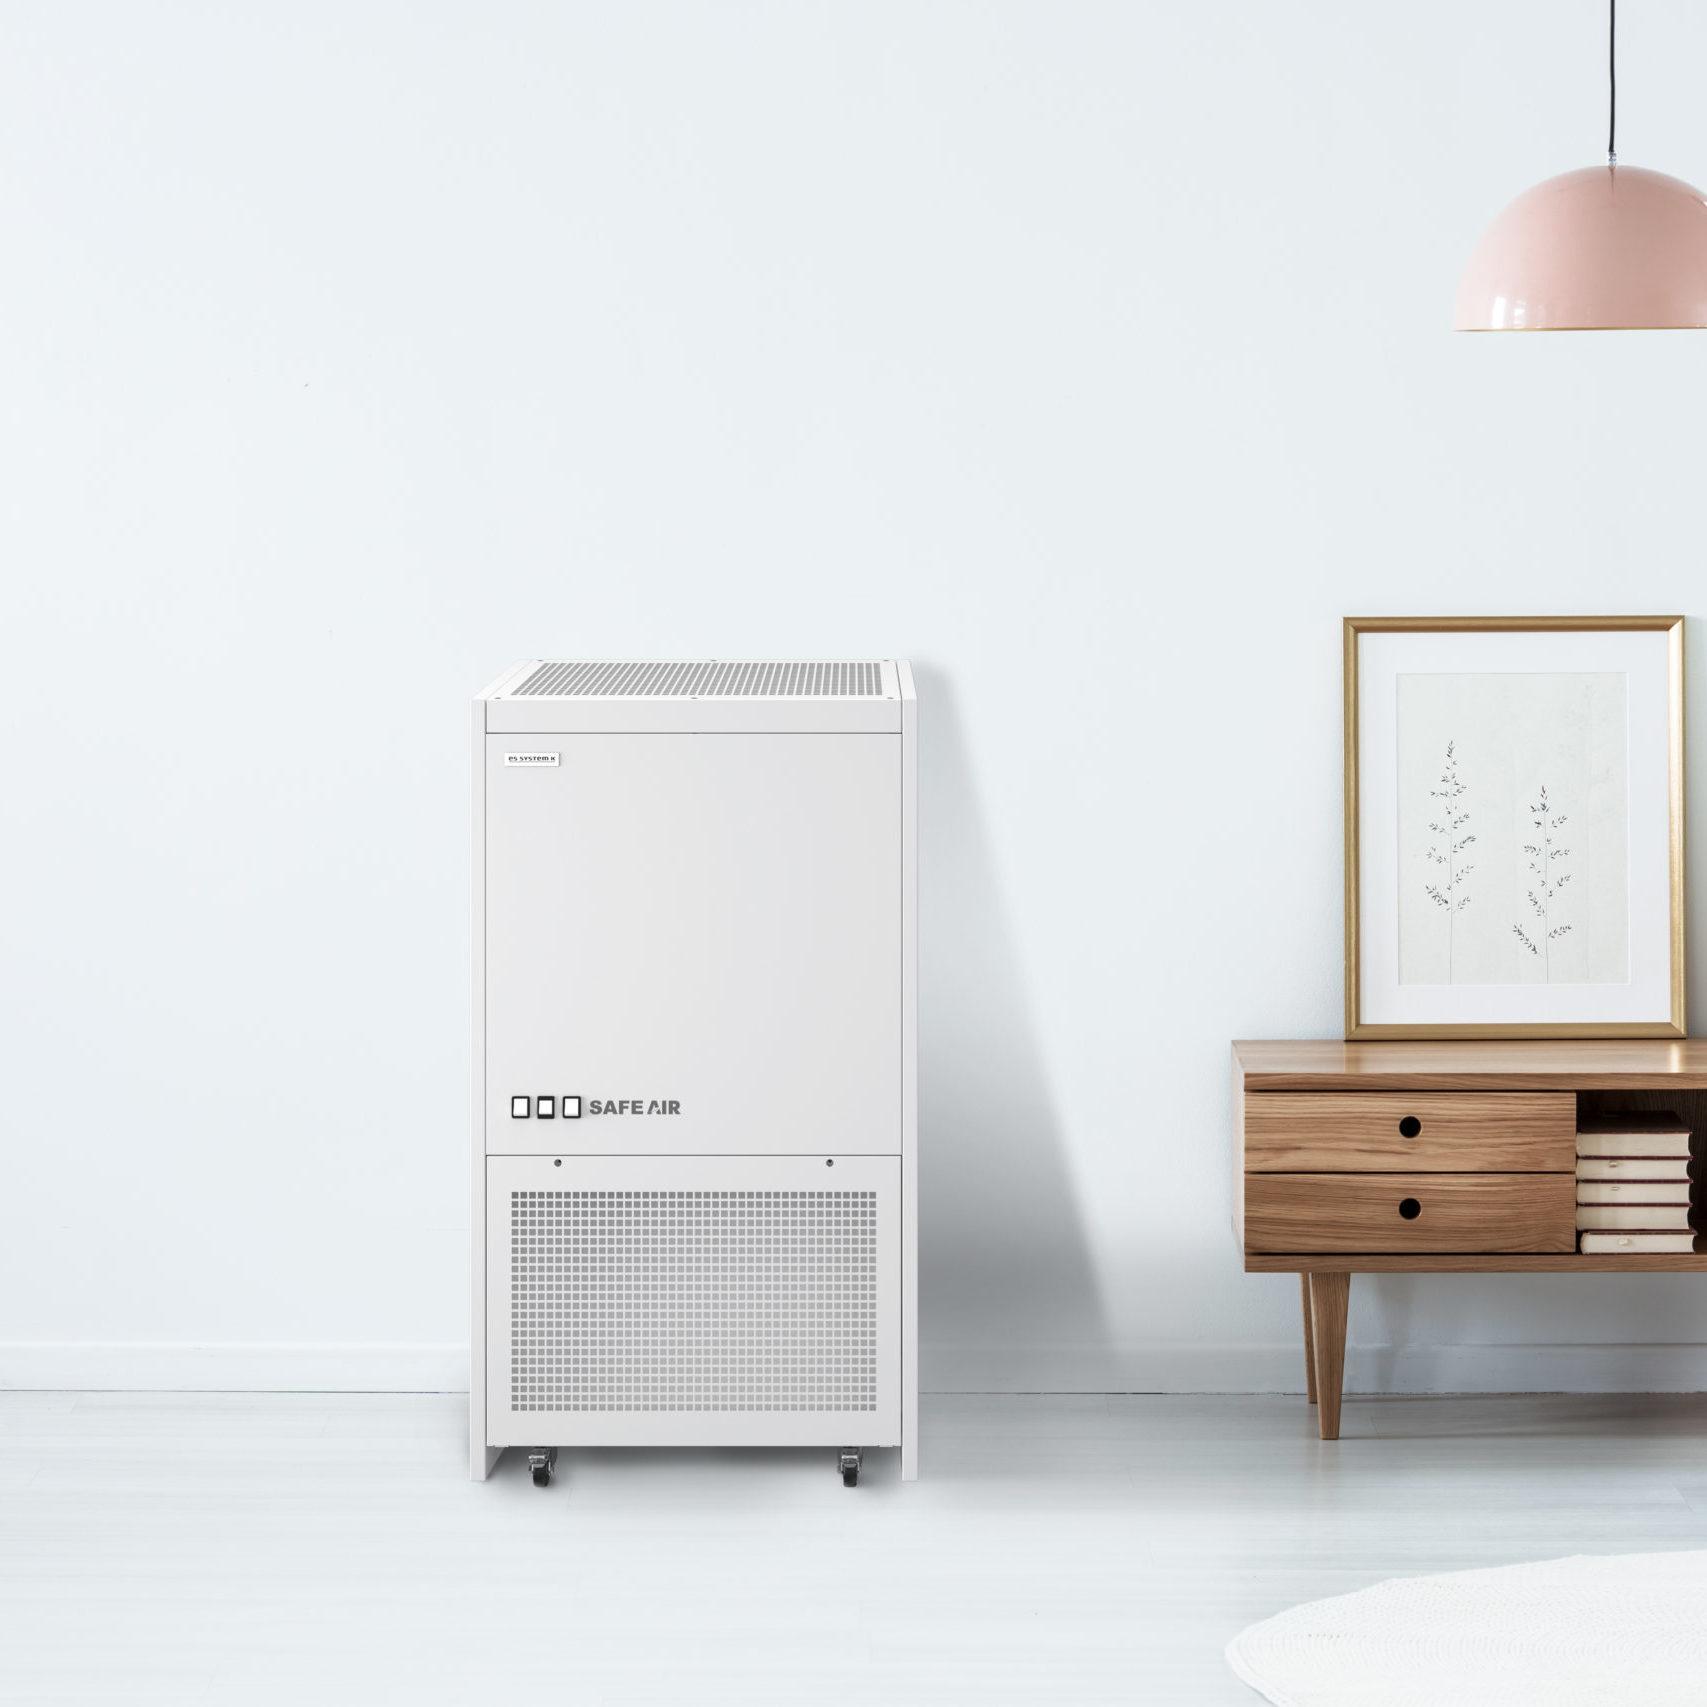 oczyszczacz powietrza dla domu Safe Air Home